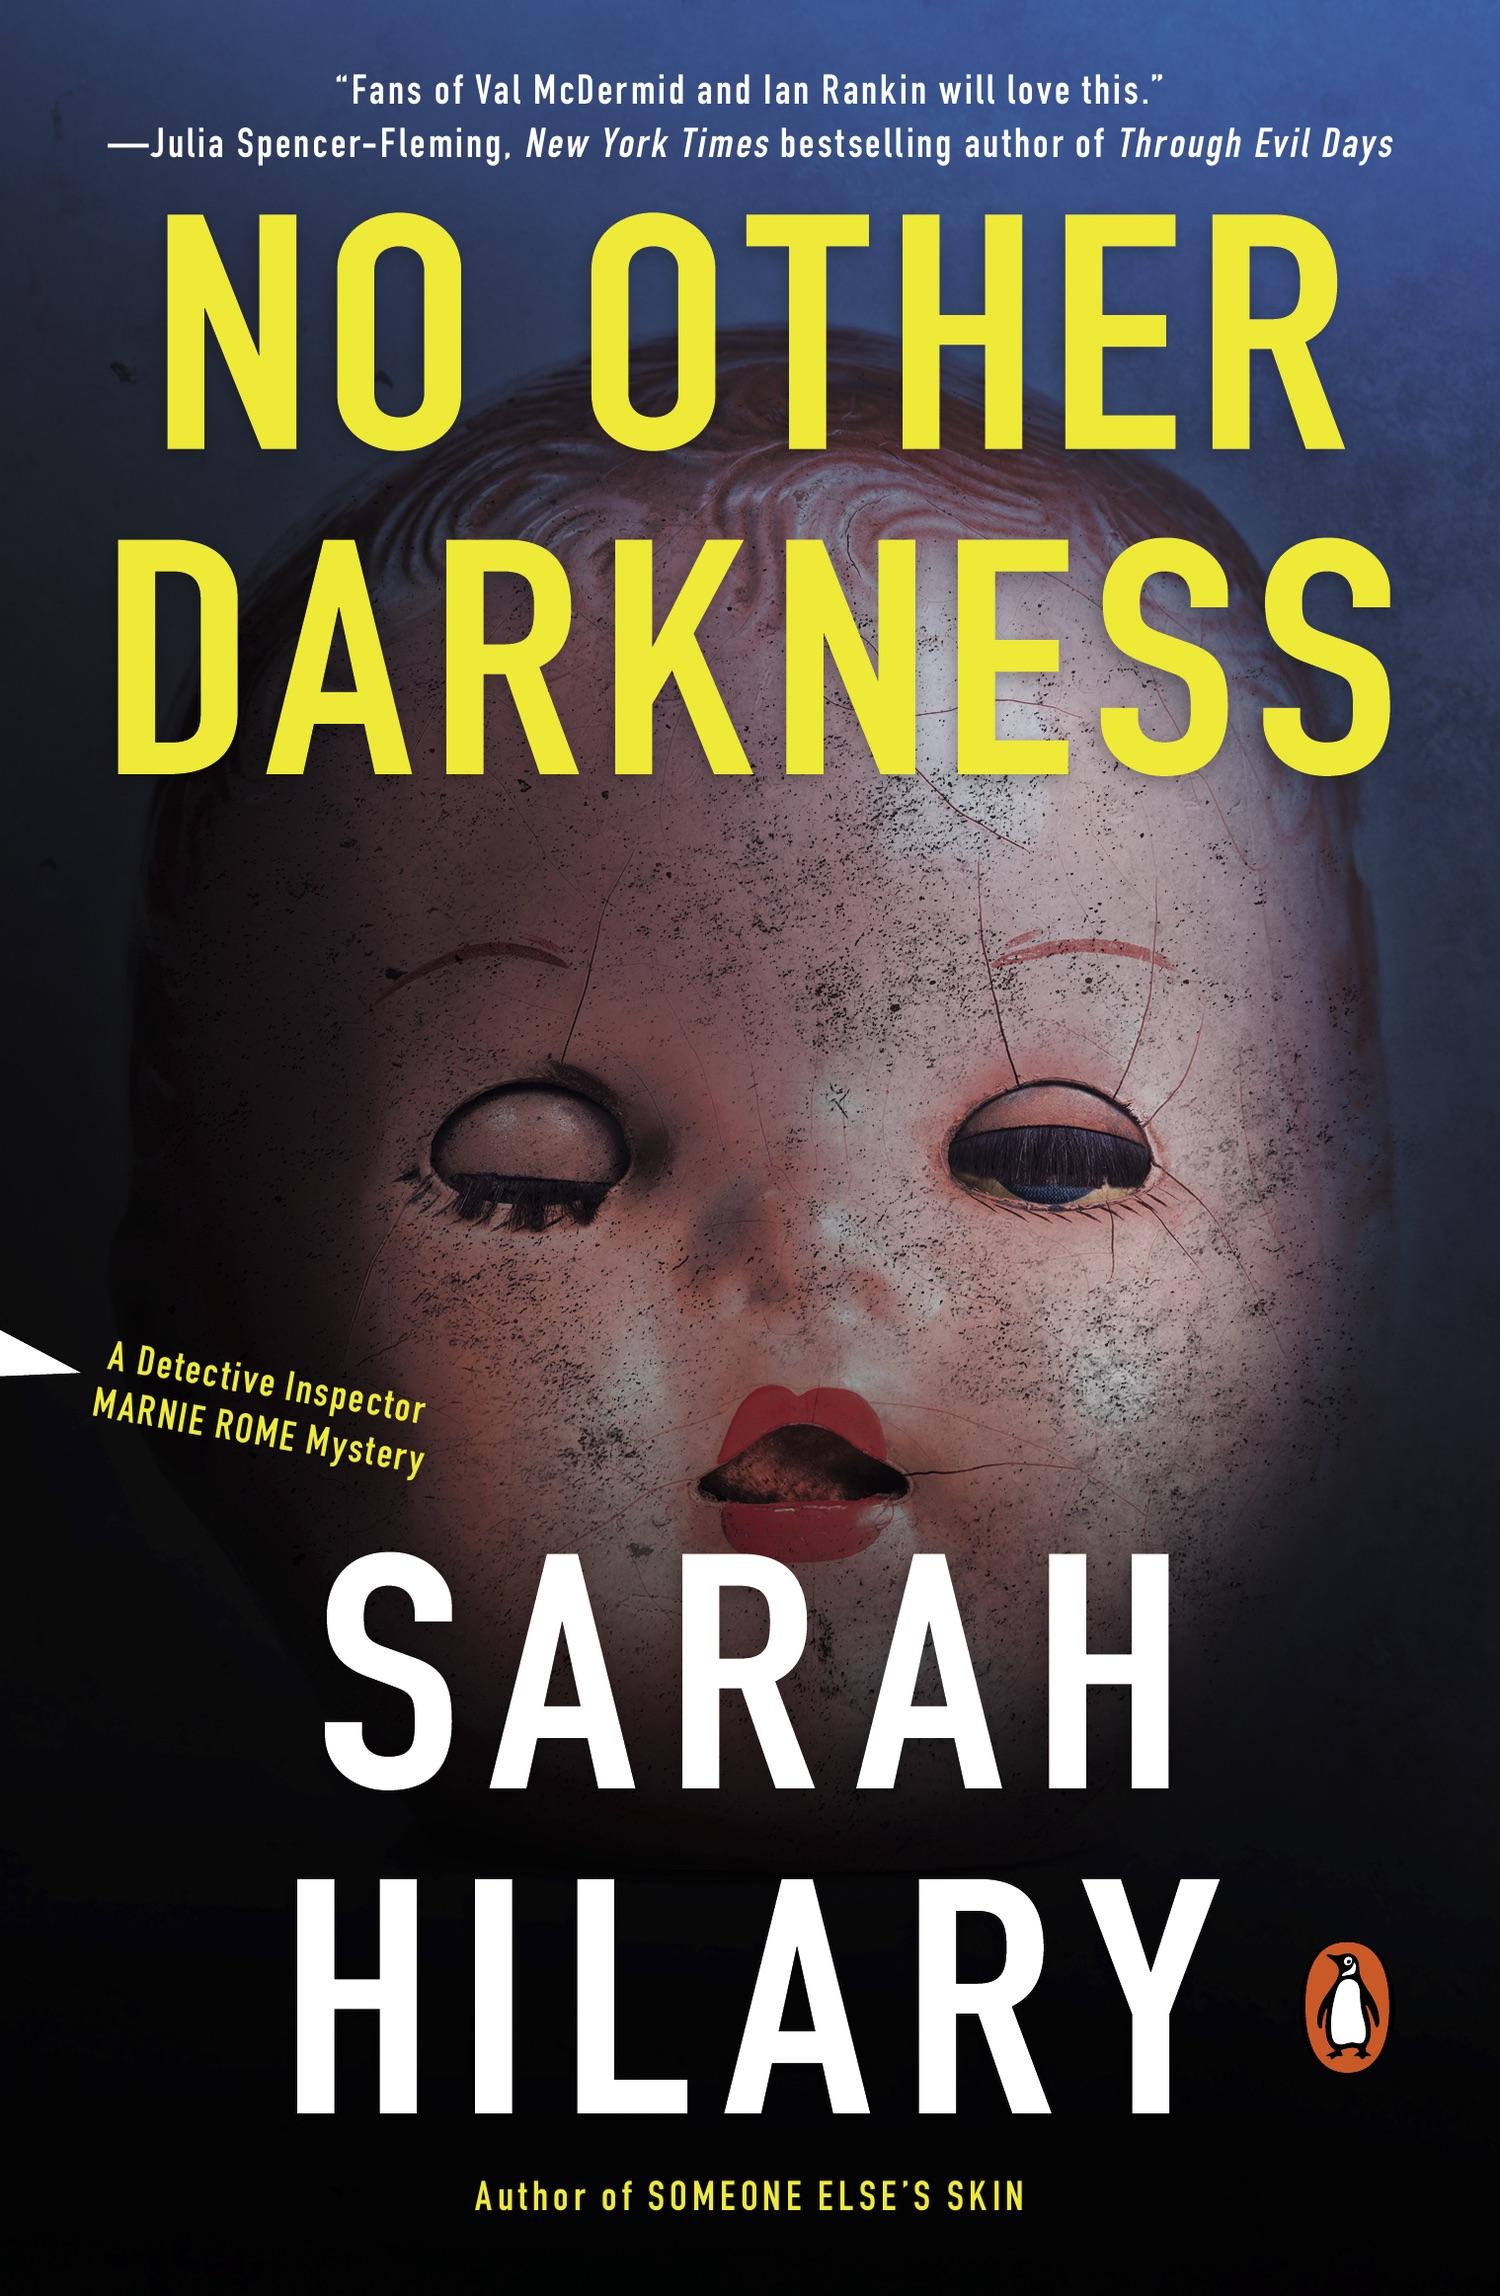 No Other Darkness.jpg